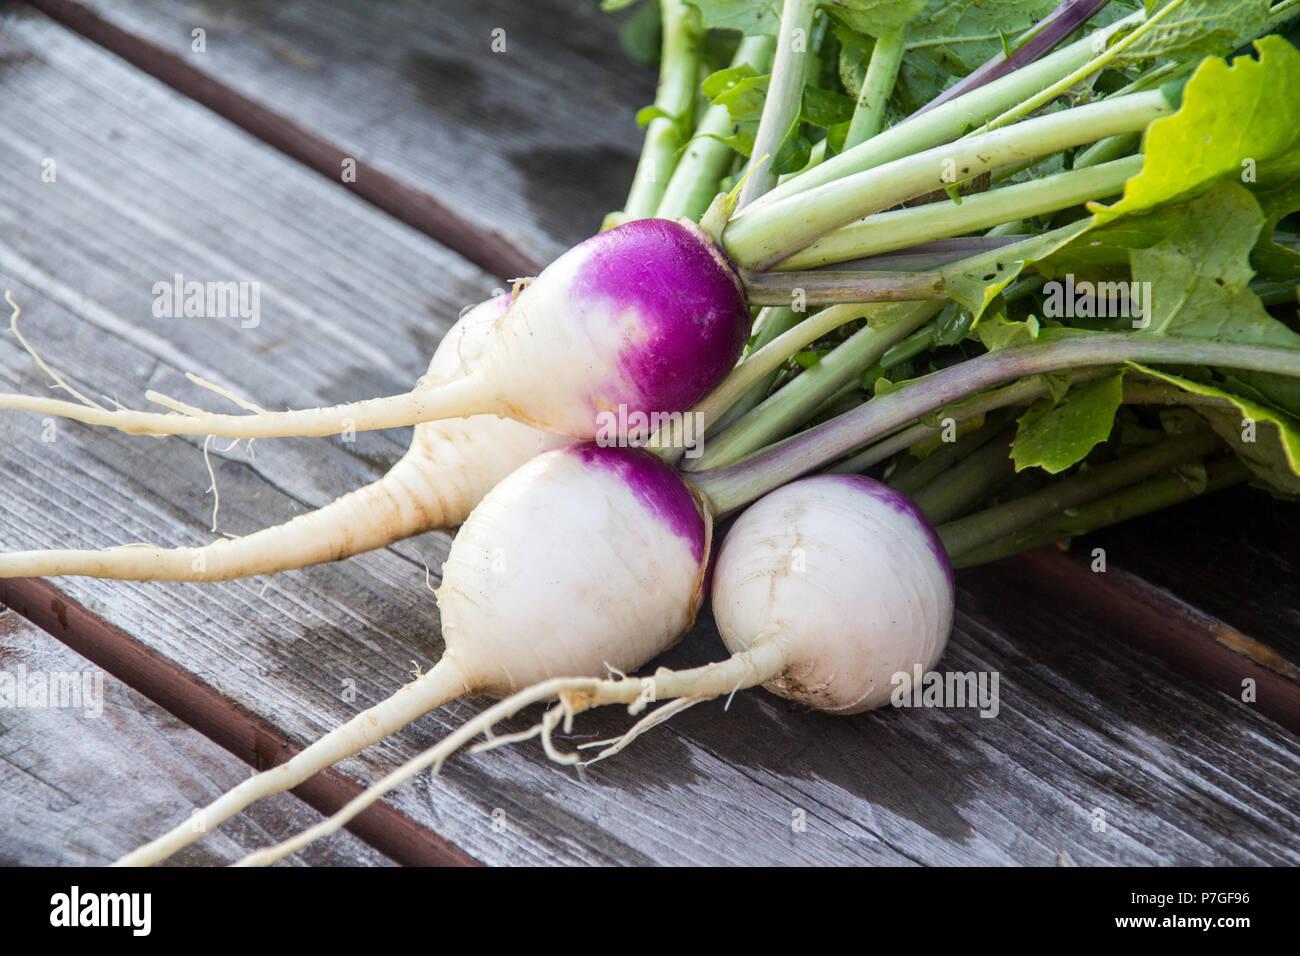 Raccolti freschi piccoli organici vegetali di rapa Immagini Stock